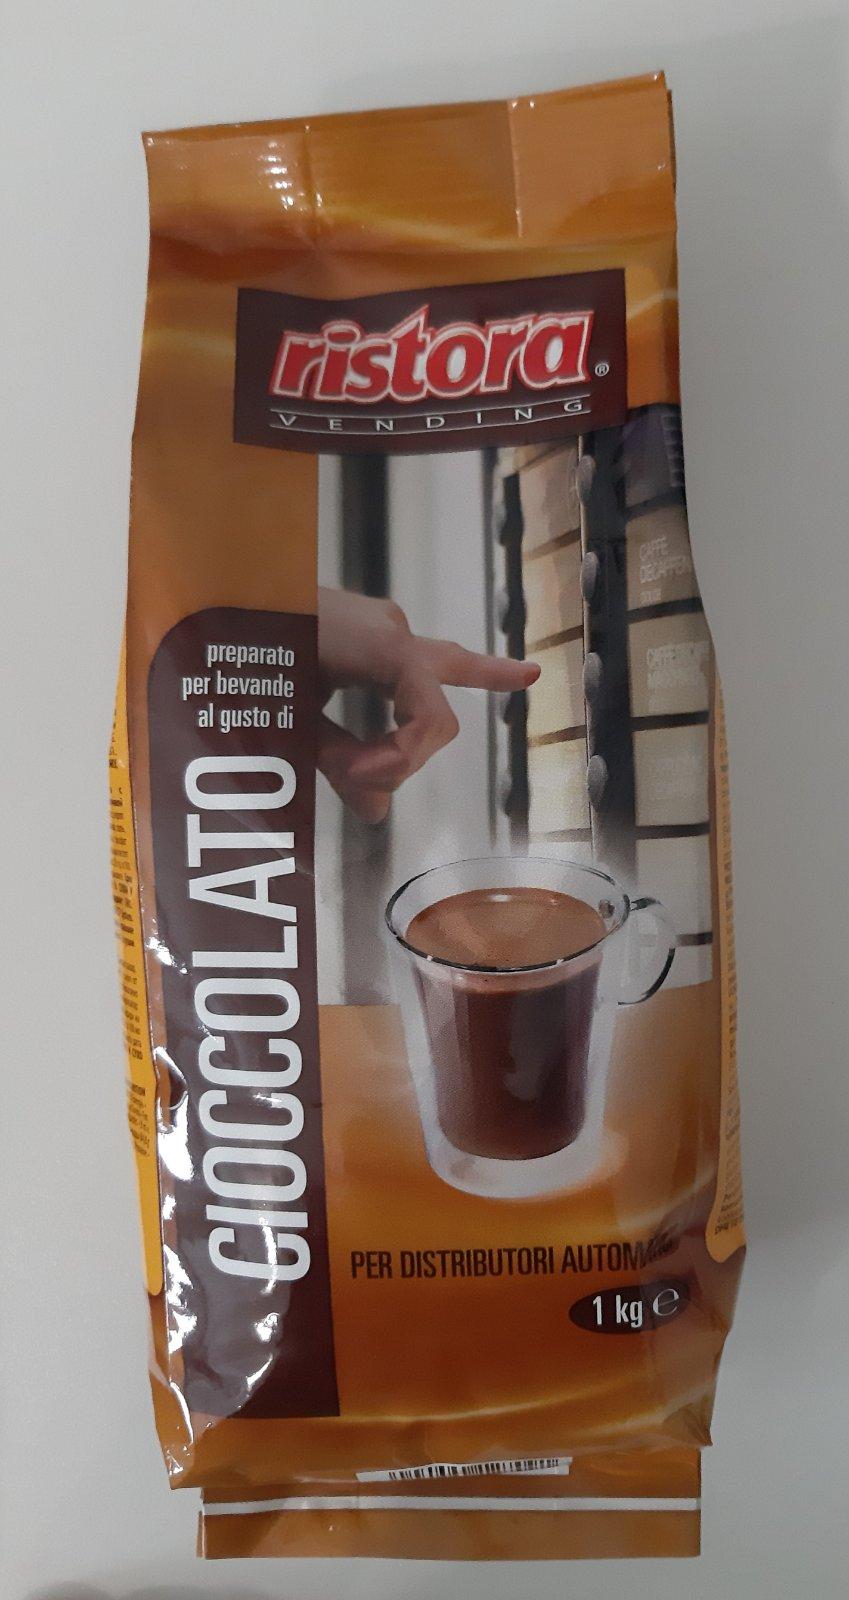 Инстант чоколадо Ристора Вендинг 1000 гр